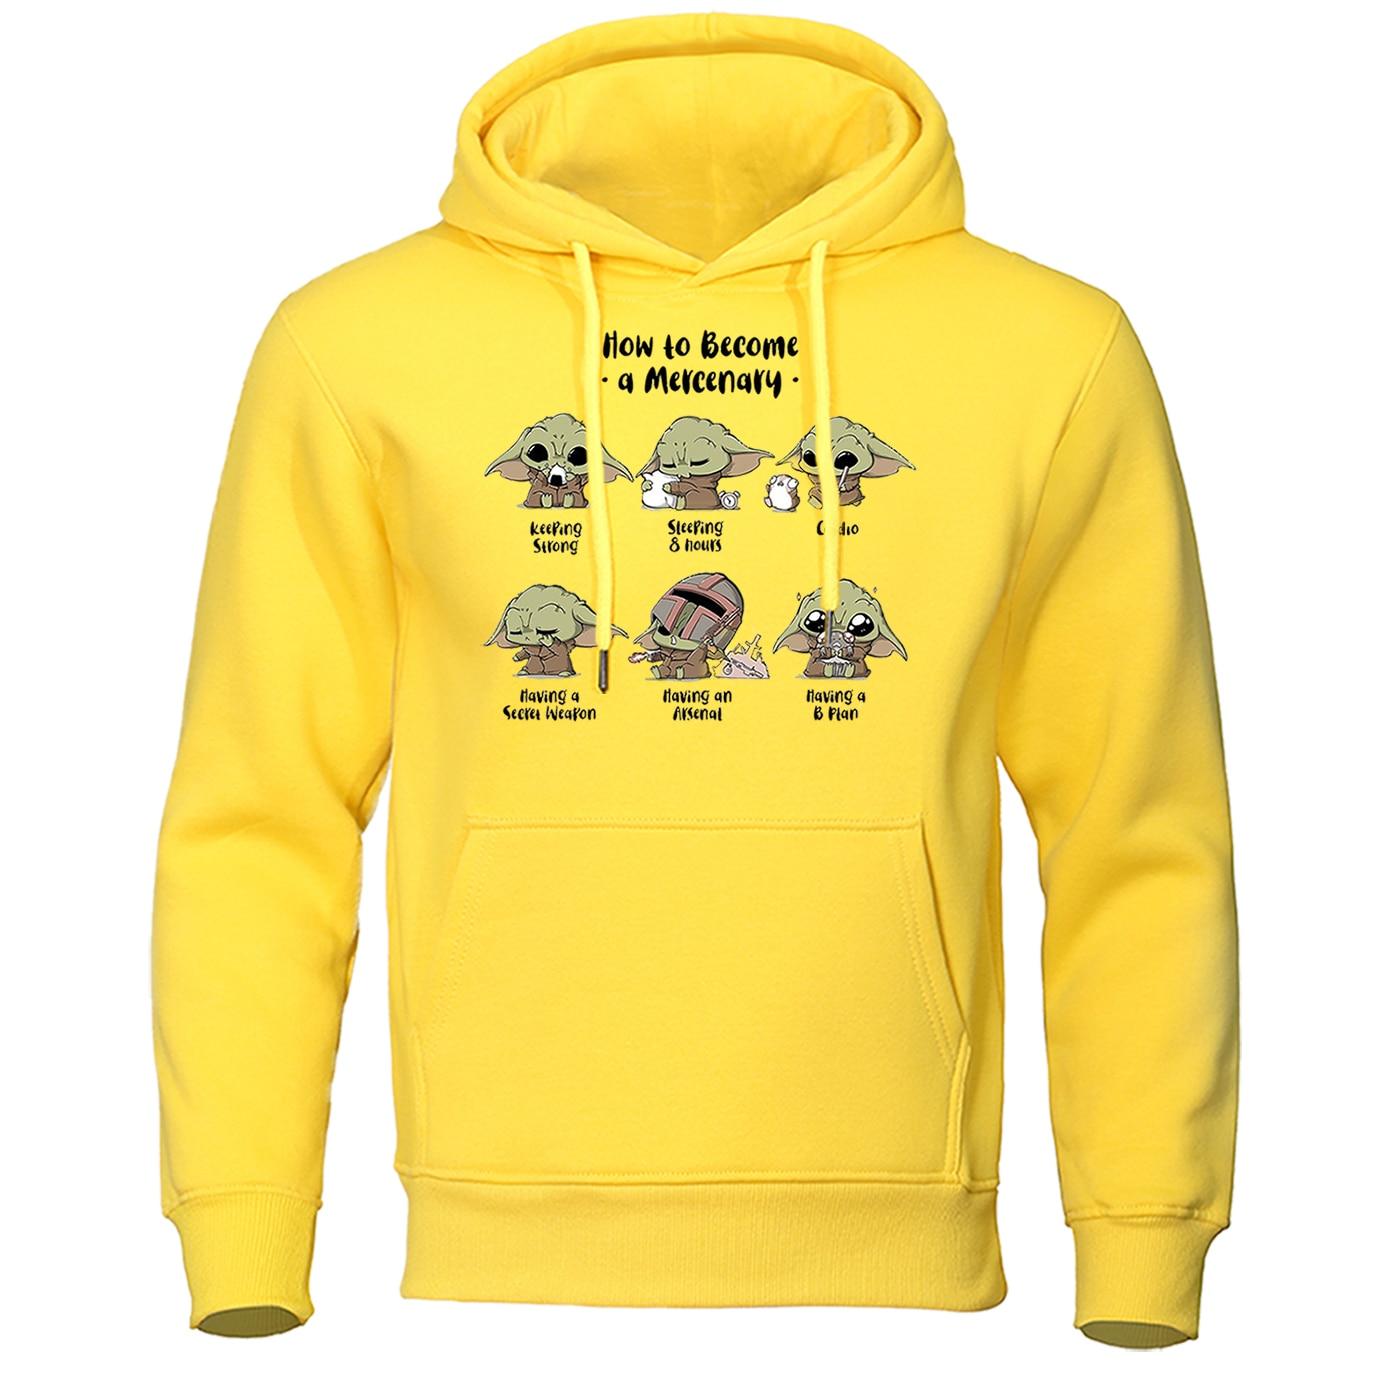 2020 Spring Pullover The Mandalorian New Movie Hoodies Men Baby Yoda Hoodie Mens Star Wars Sweatshirt Cartoon Hip Hop Streetwear